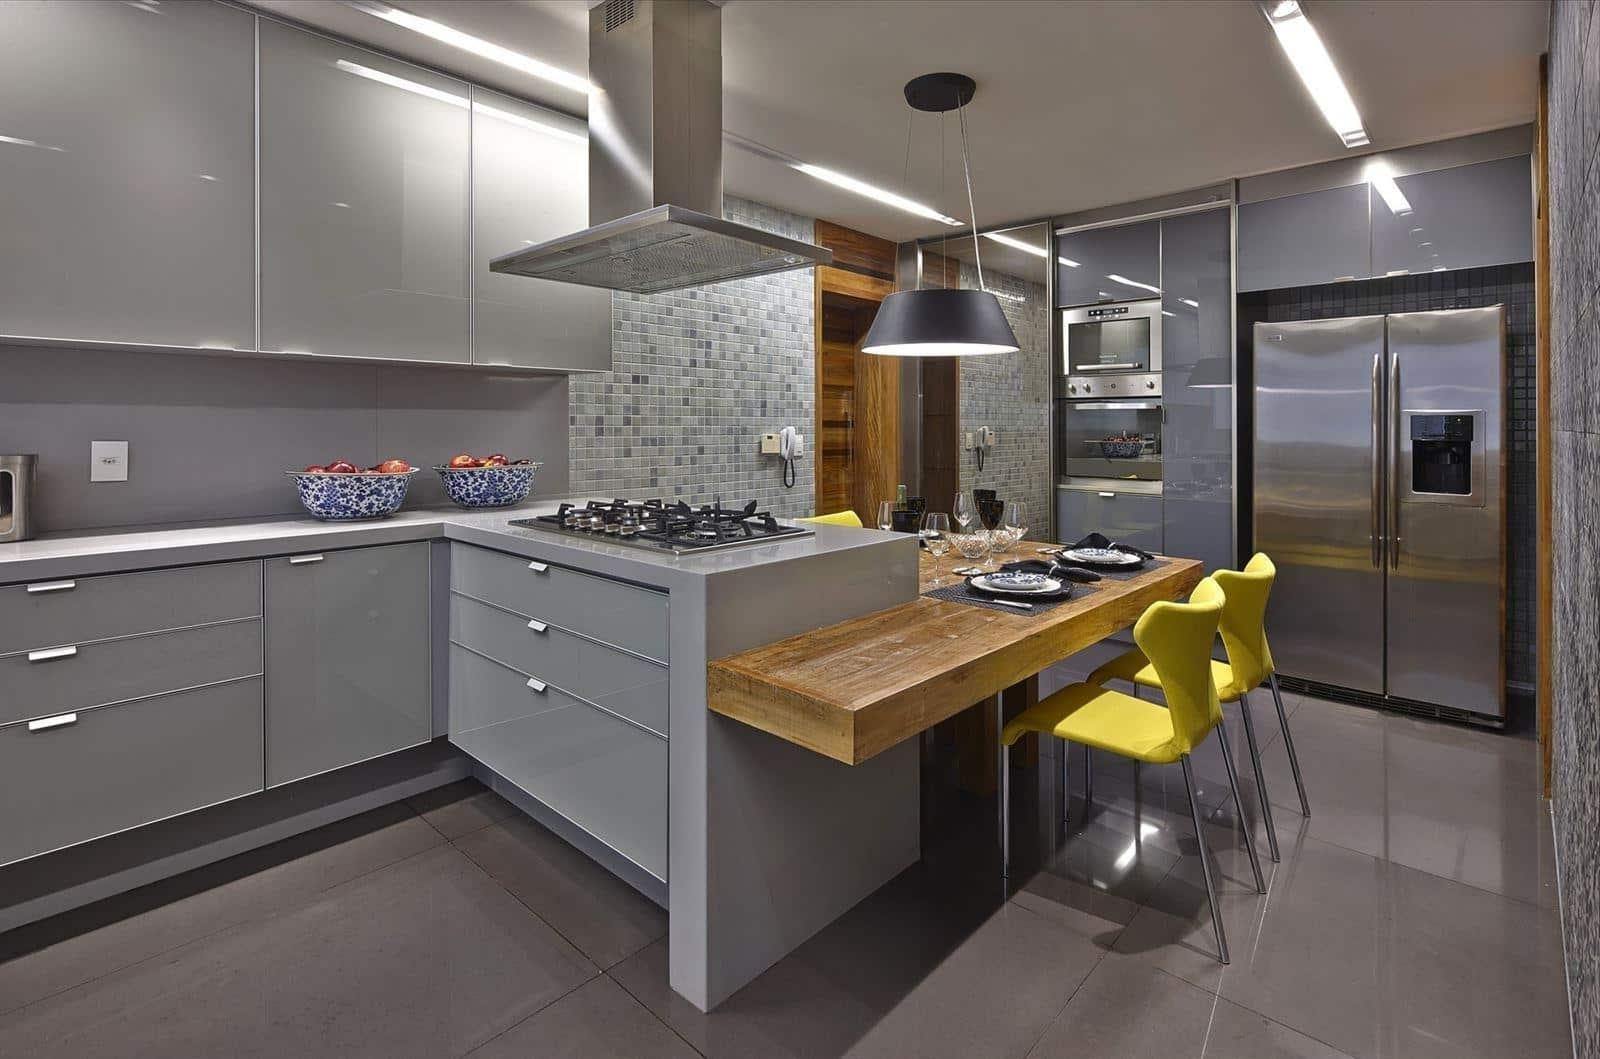 Les comptoirs en pierre acrylique brillante constituent une solution polyvalente pour tous les intérieurs de cuisine.